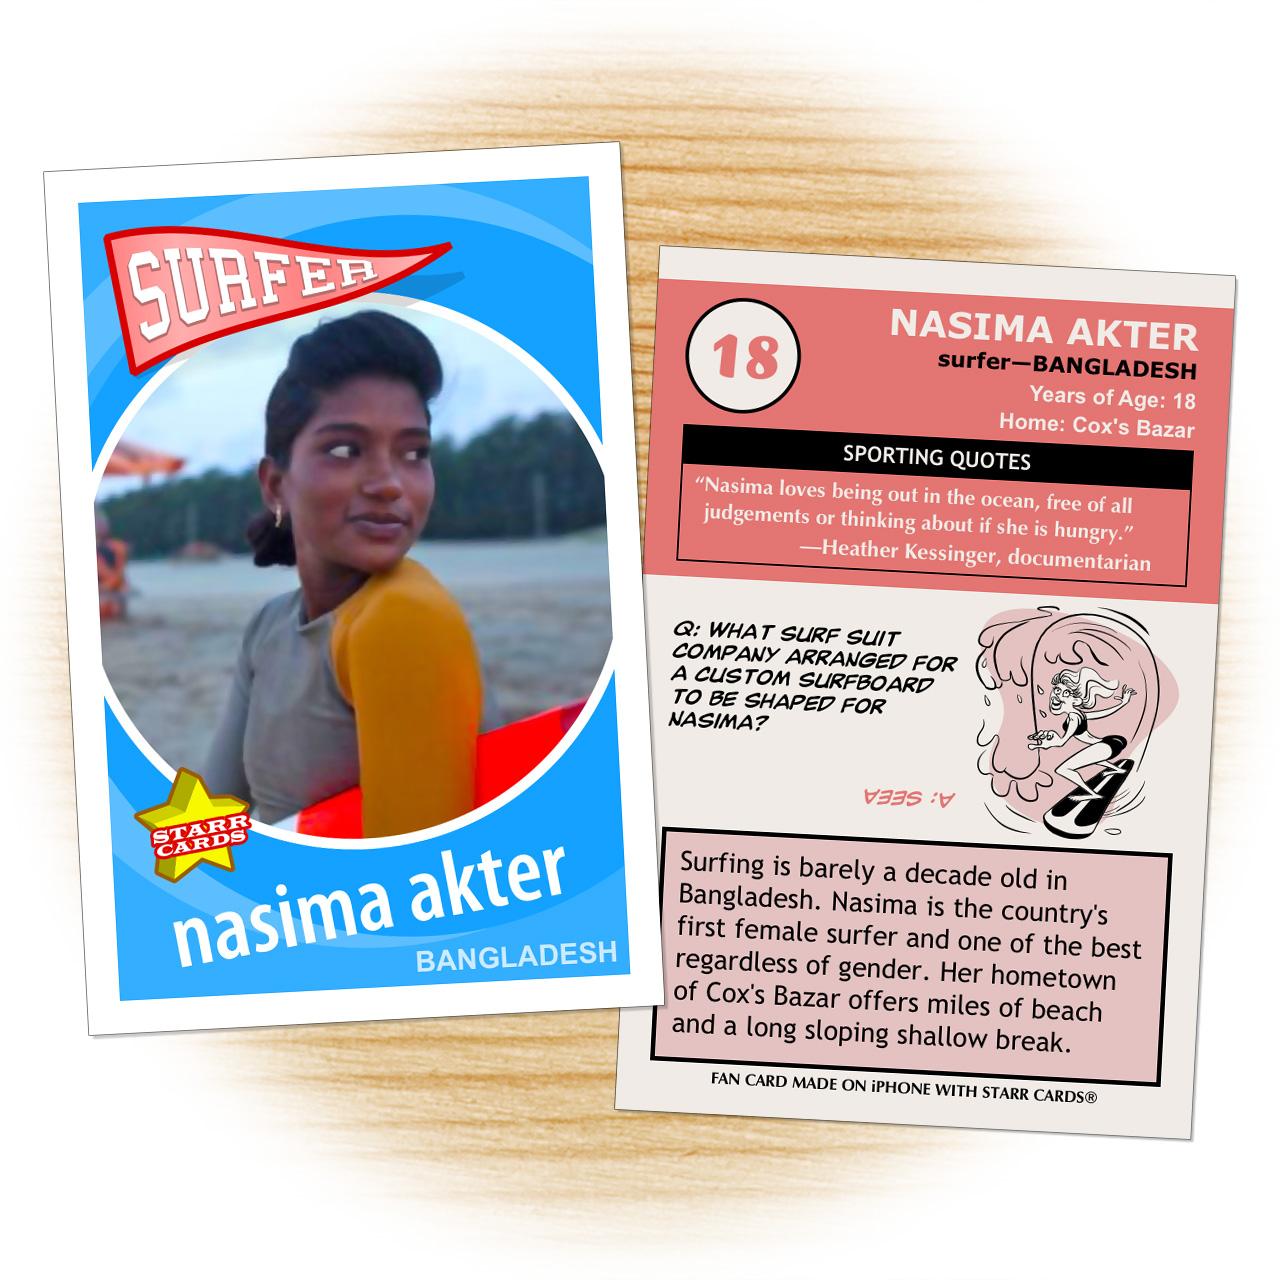 Bangladeshi surfer girl Nasima Akter